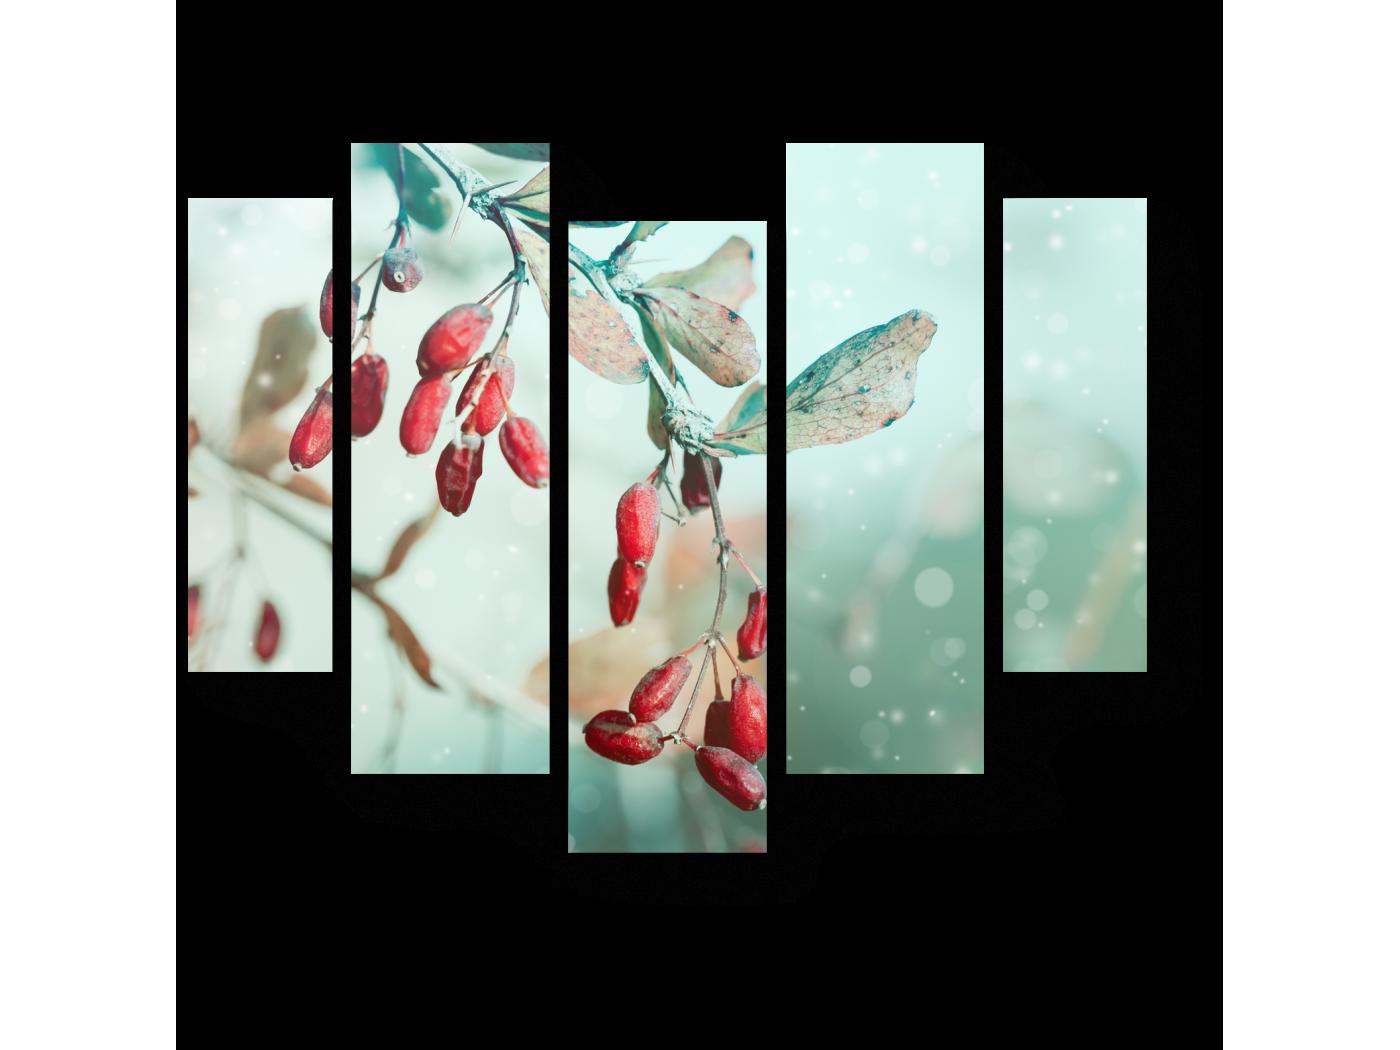 Модульная картина Красные ягоды, припорошенные снежком (101x82) фото